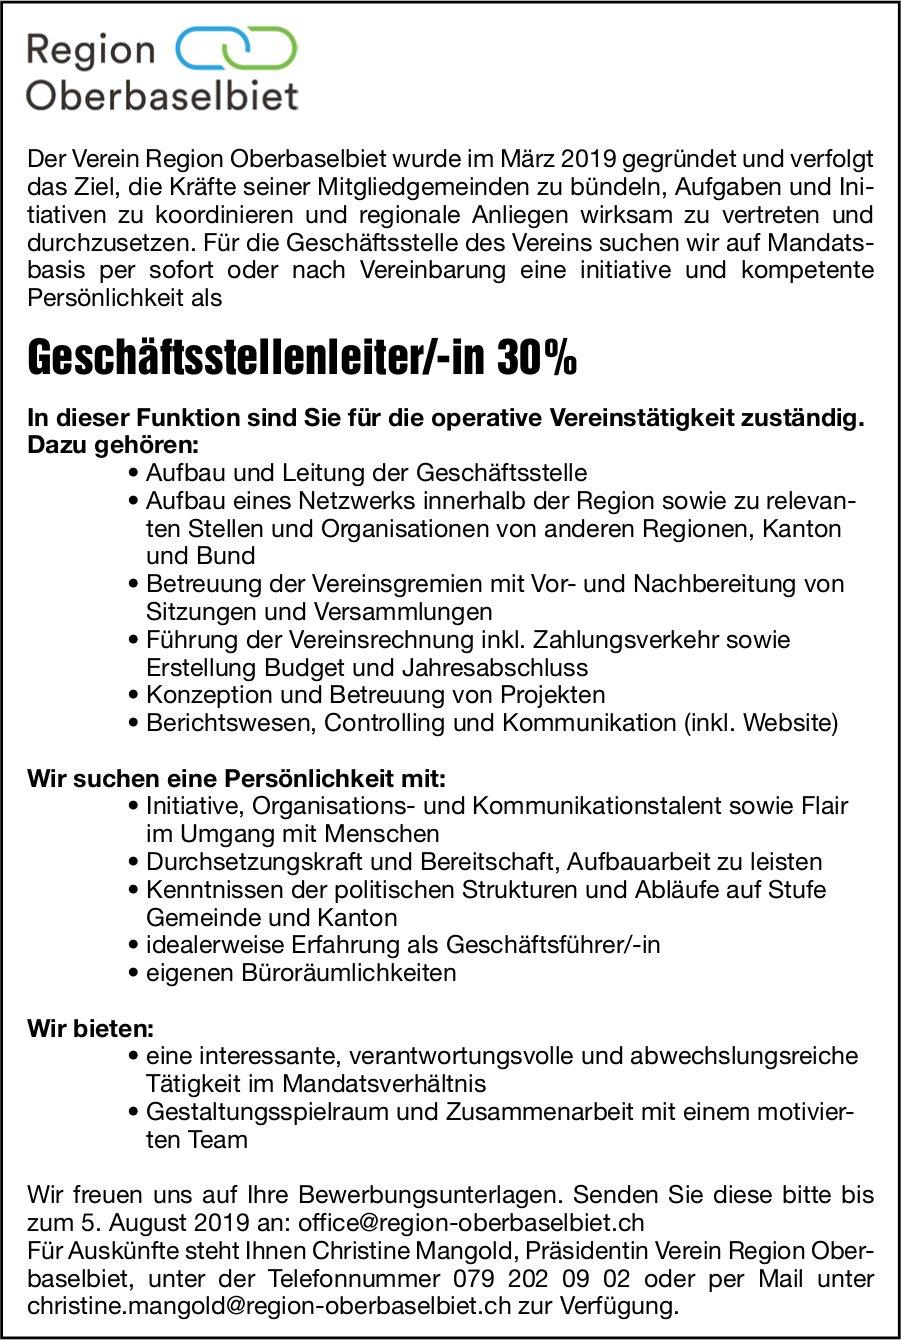 Geschäftsstellenleiter/-in, Verein Region Oberbaselbiet, gesucht